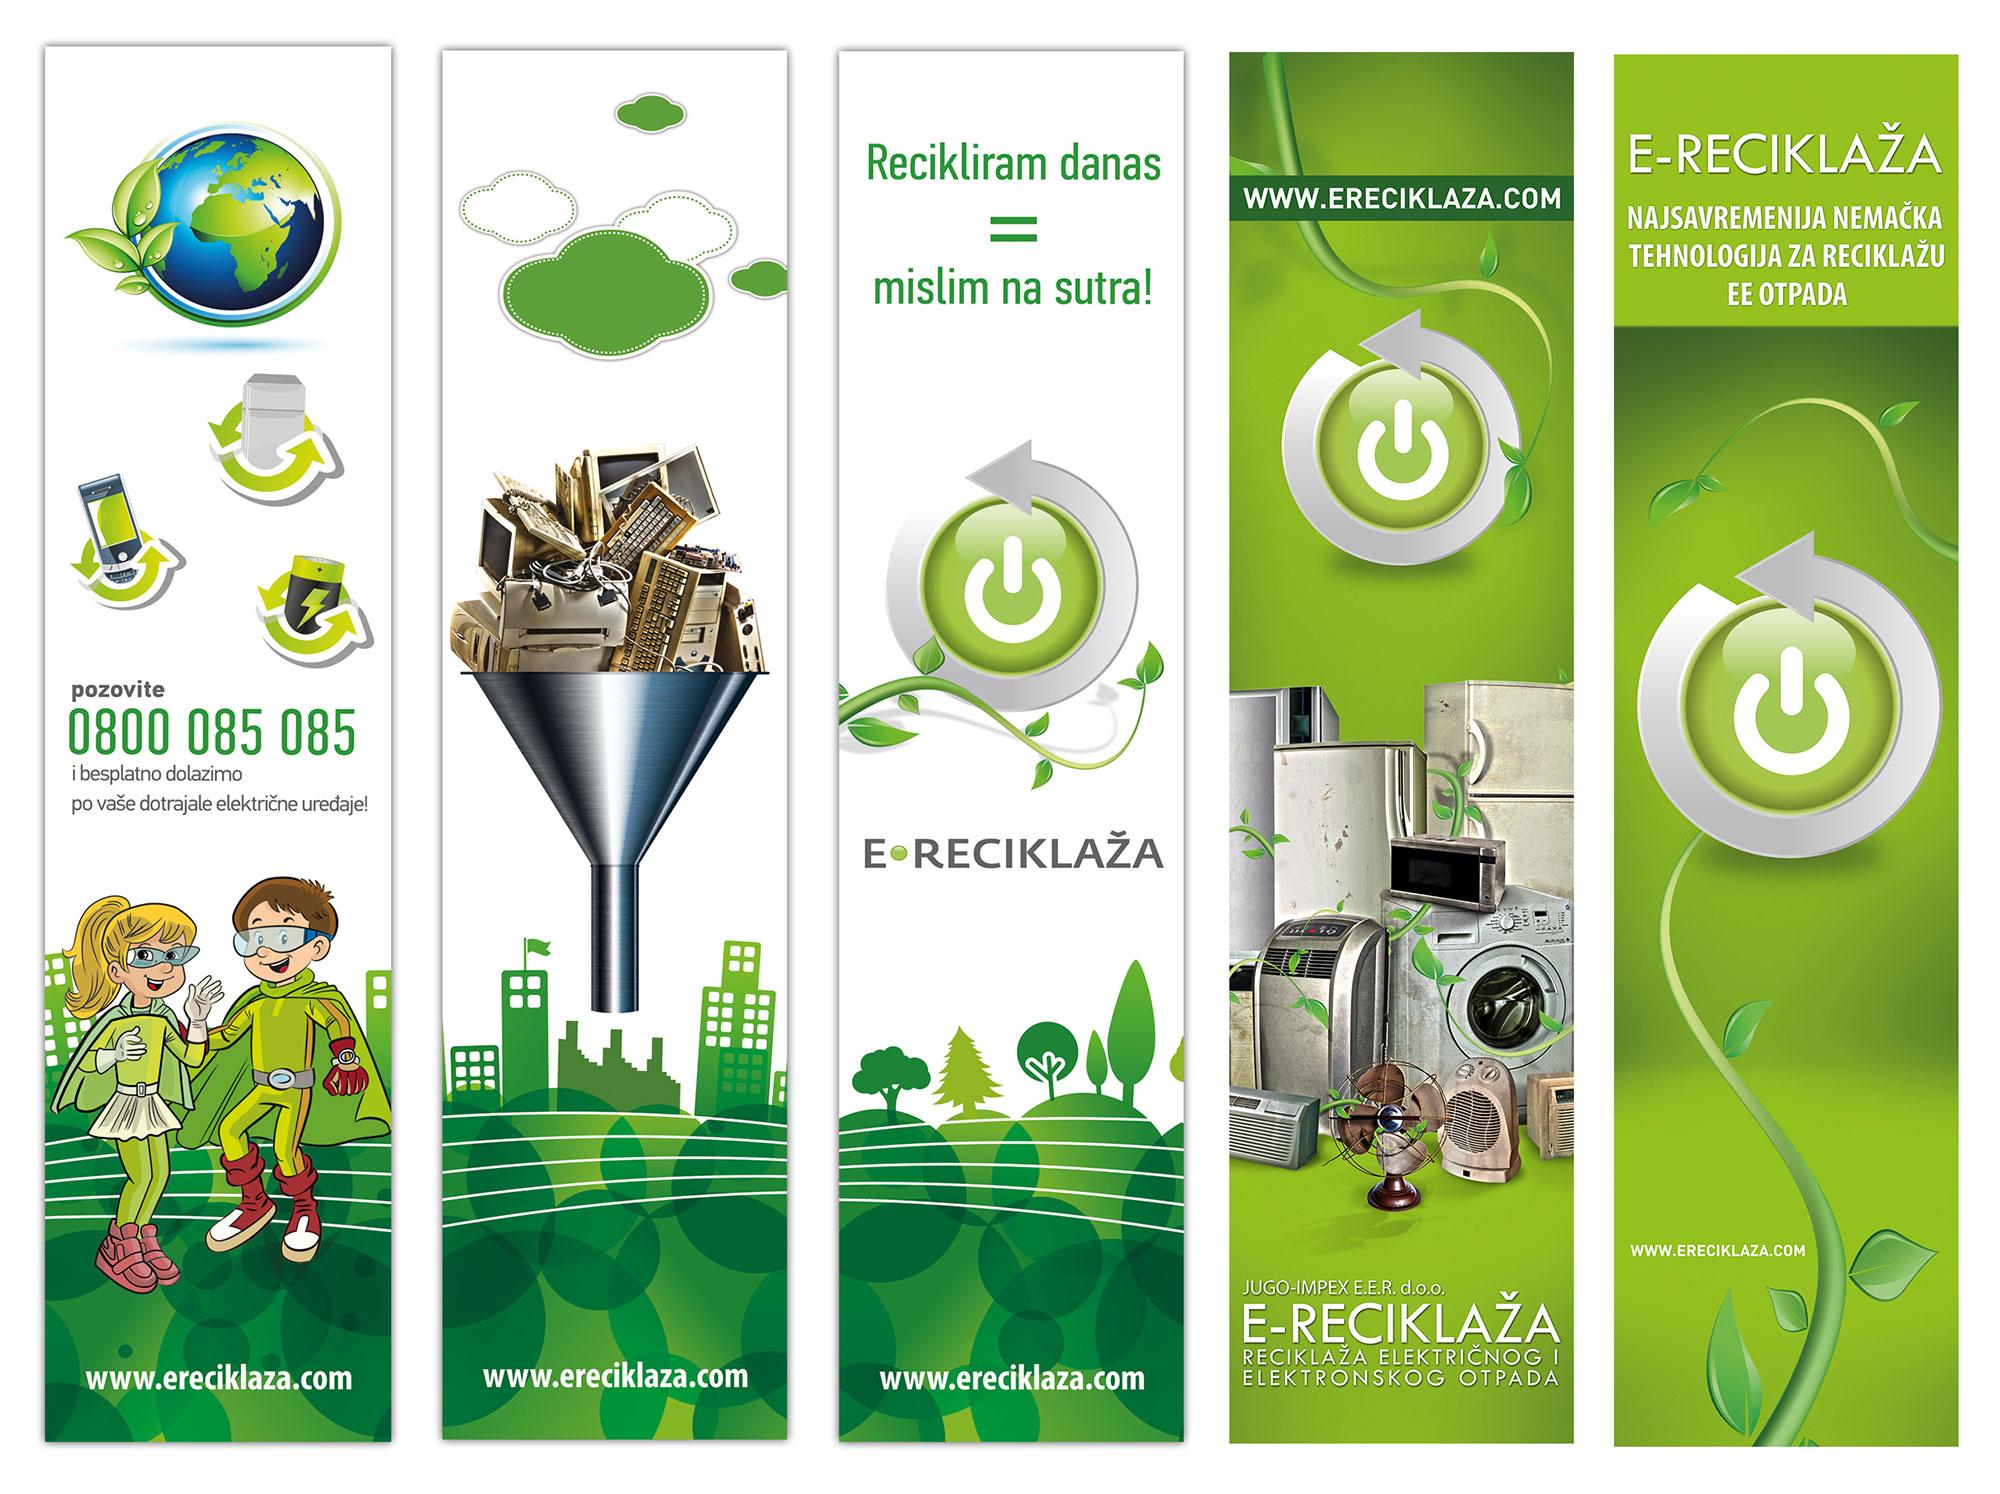 e-reciklaza rollup